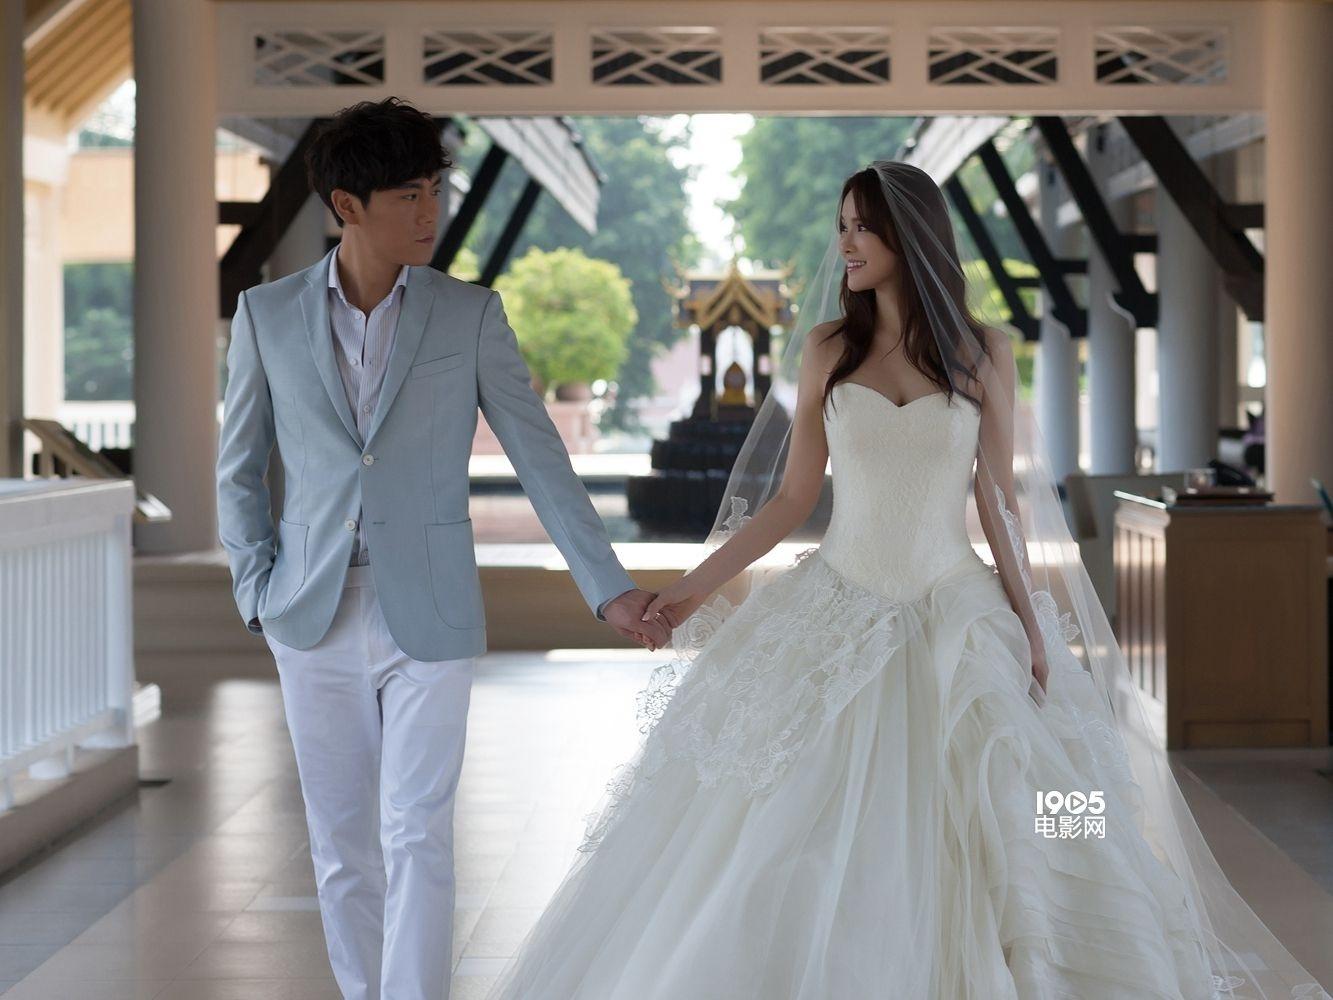 近日,秦昊在泰国普吉岛迎娶伊能静,并在海边拍摄完成婚礼画册